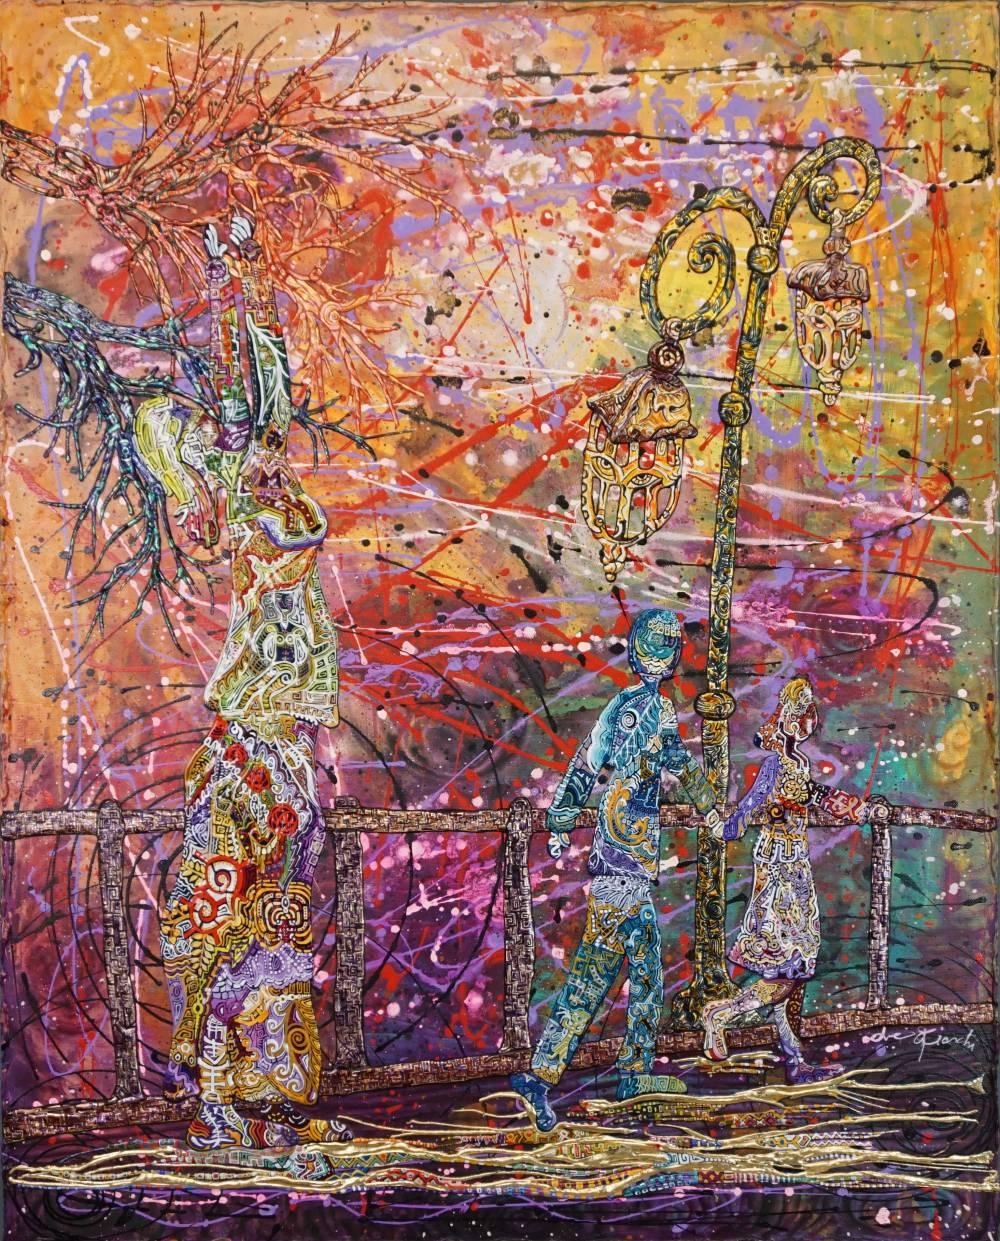 OMBRE A PASSEGGIO -quadro - anno 2016 - 80 cm x 100 cm h - acrilico su tela ,foglia oro, rilievo in acrilico delle figure,alberi lampioni e staccionata